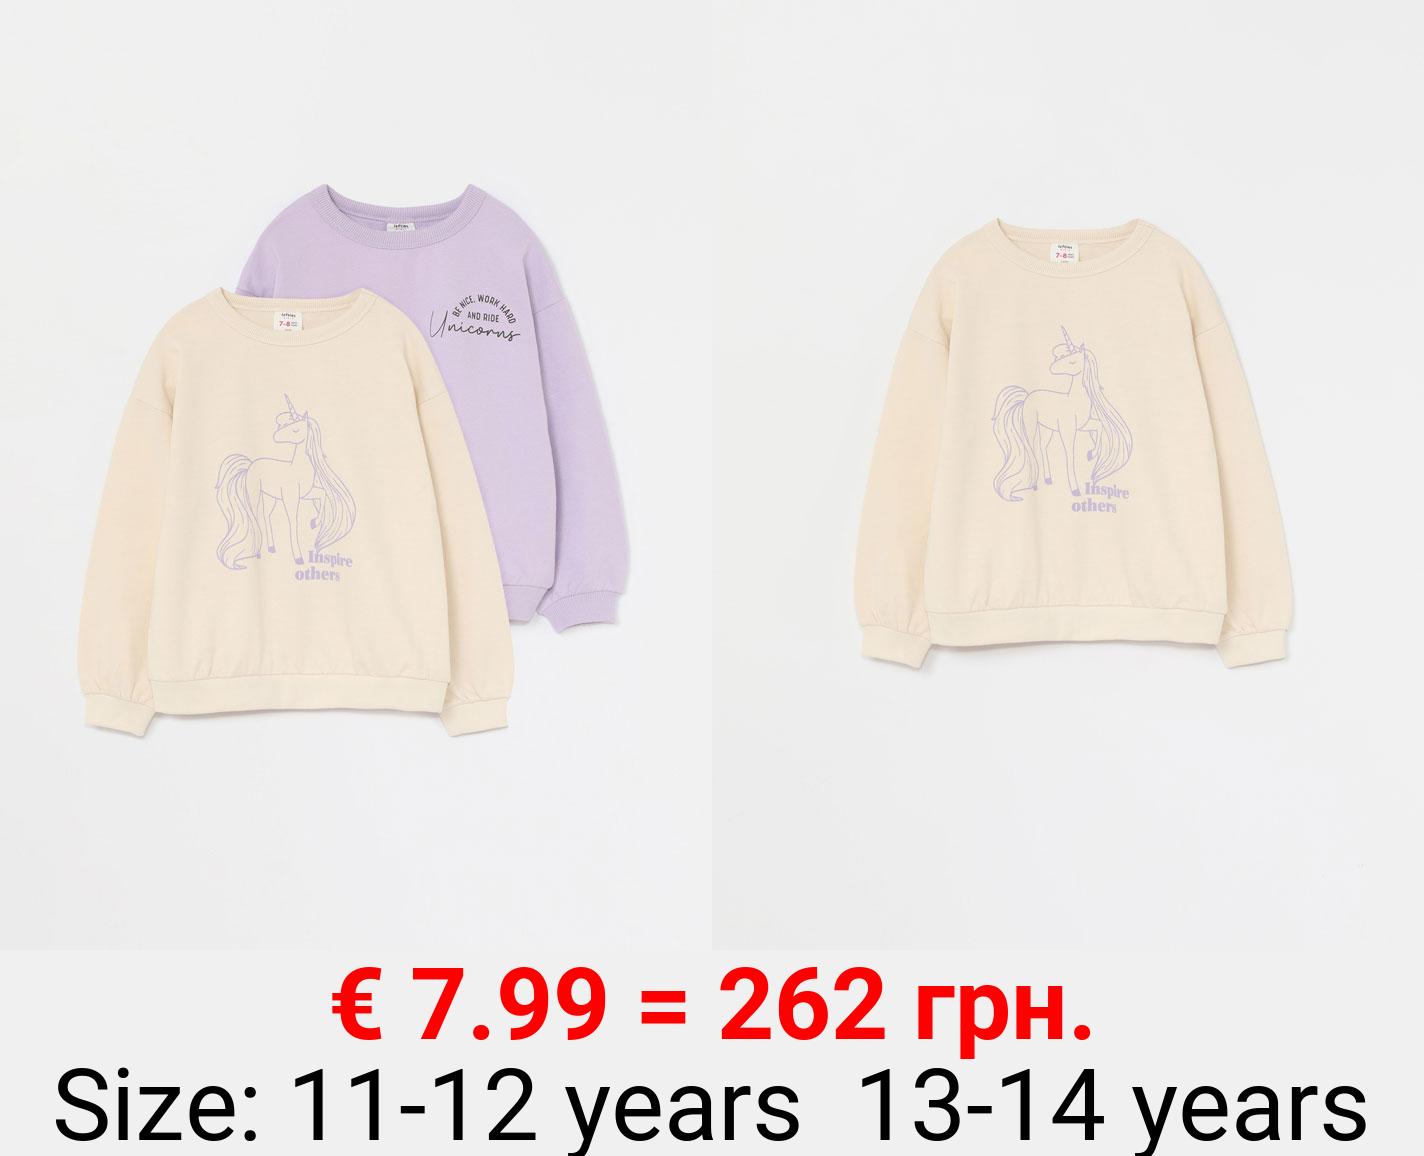 Pack of 2 printed sweatshirts